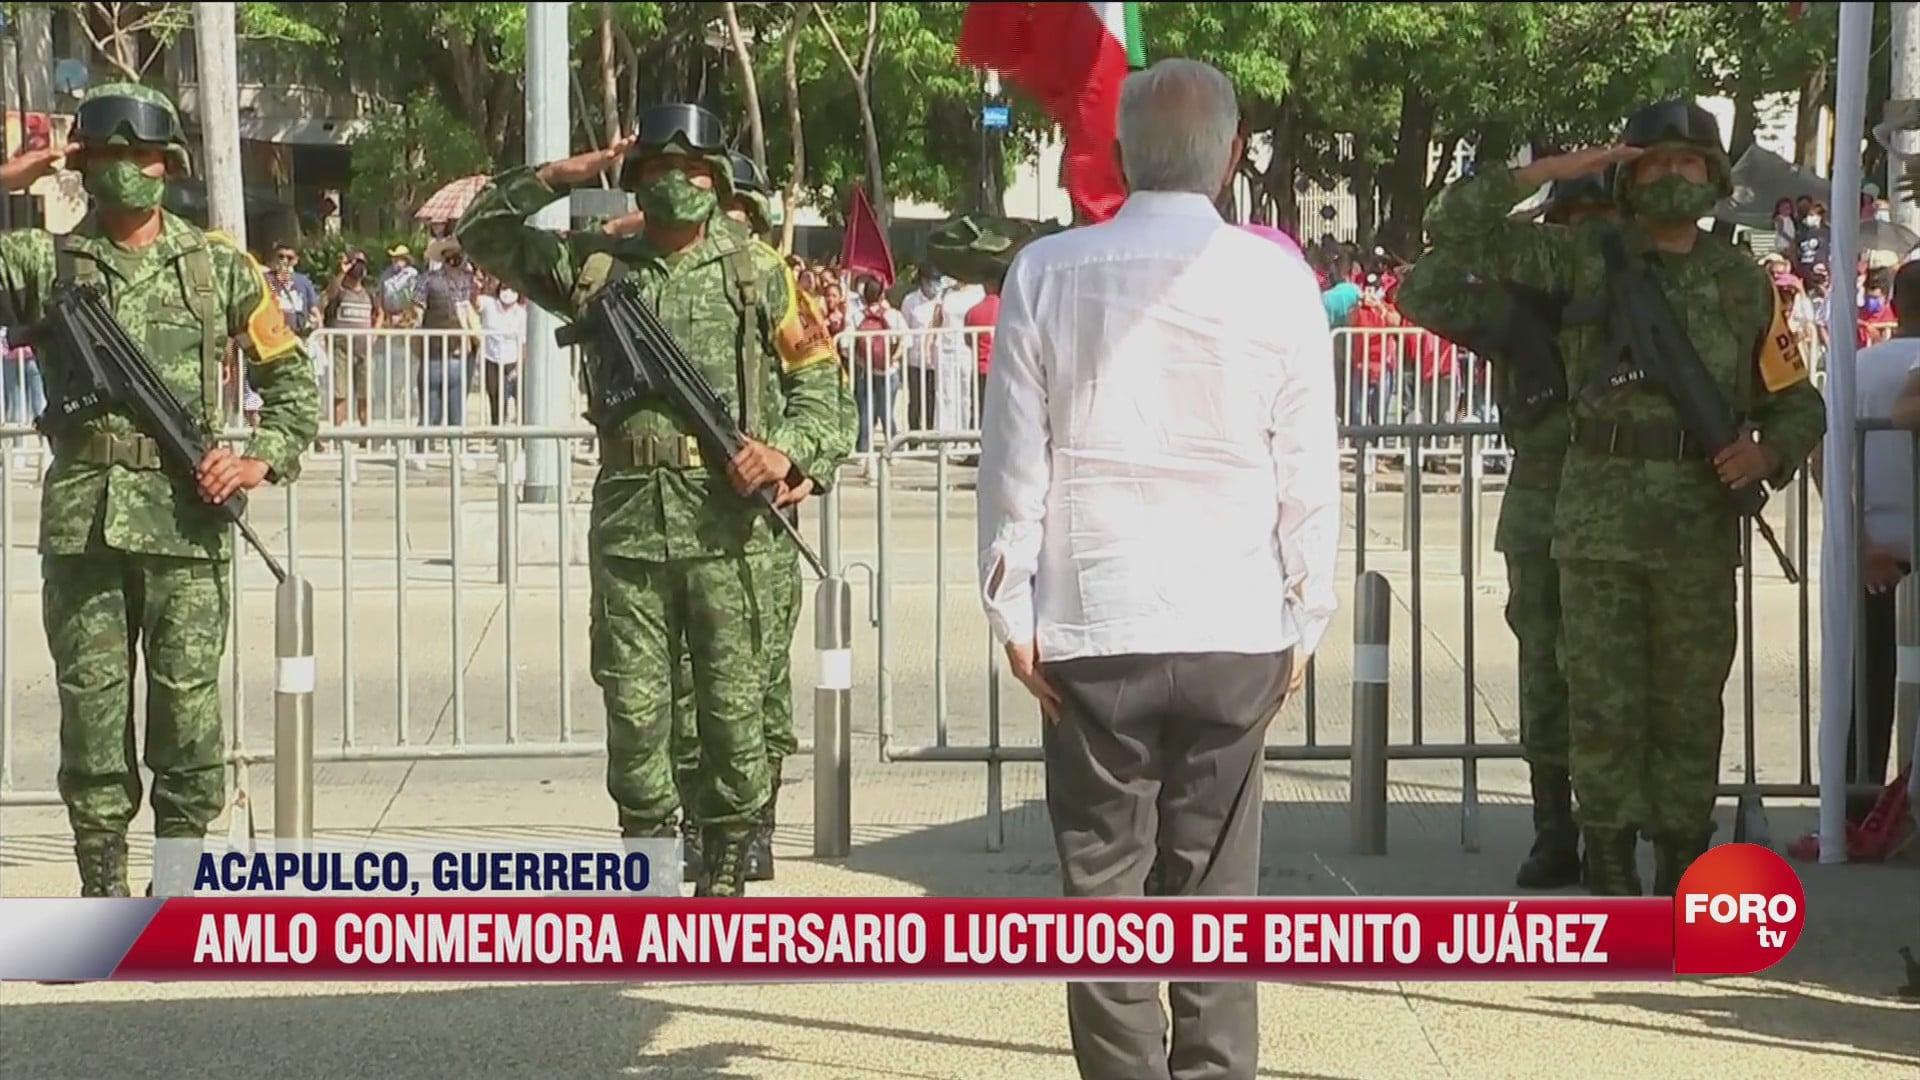 amlo conmemora aniversario luctuoso de benito juarez